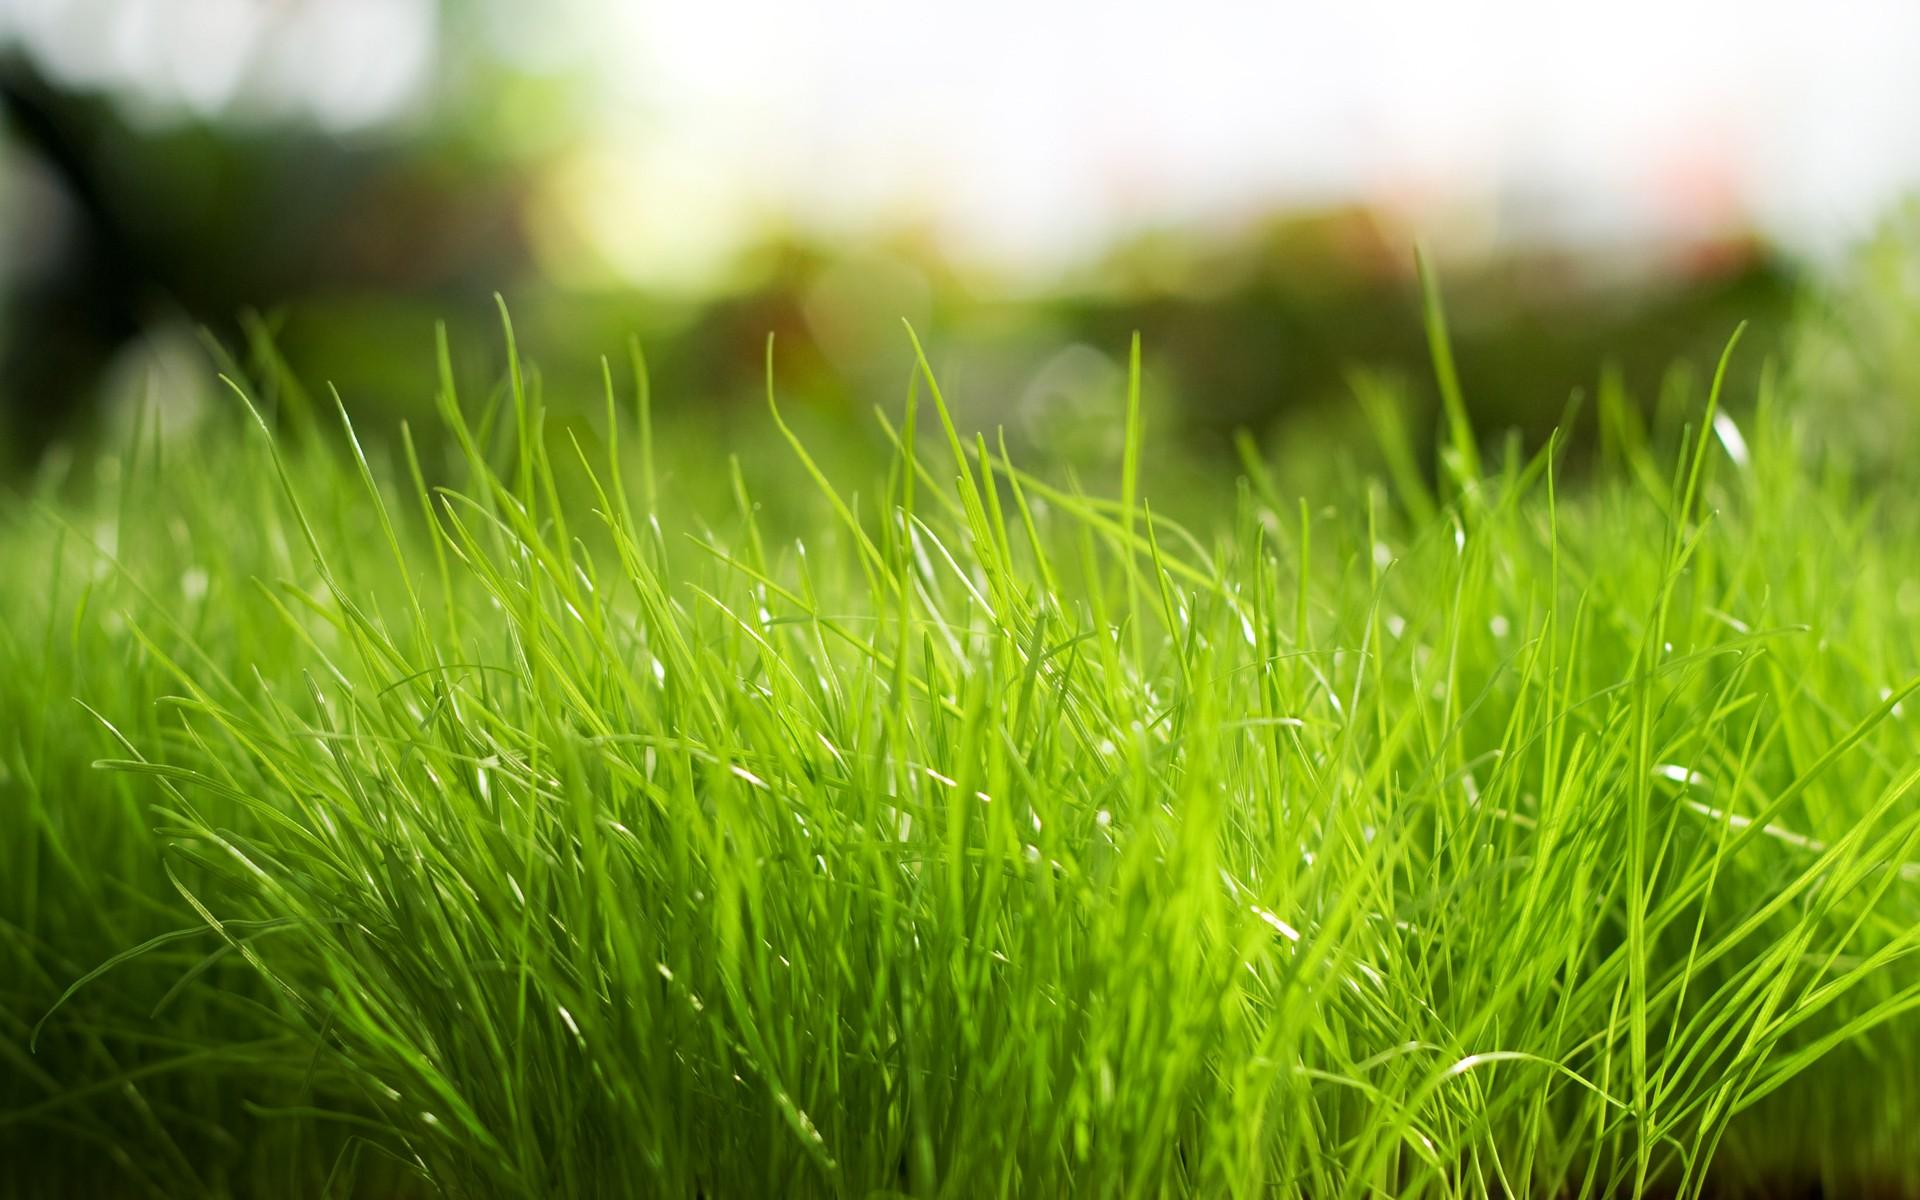 grass sunlight macro wallpaper background